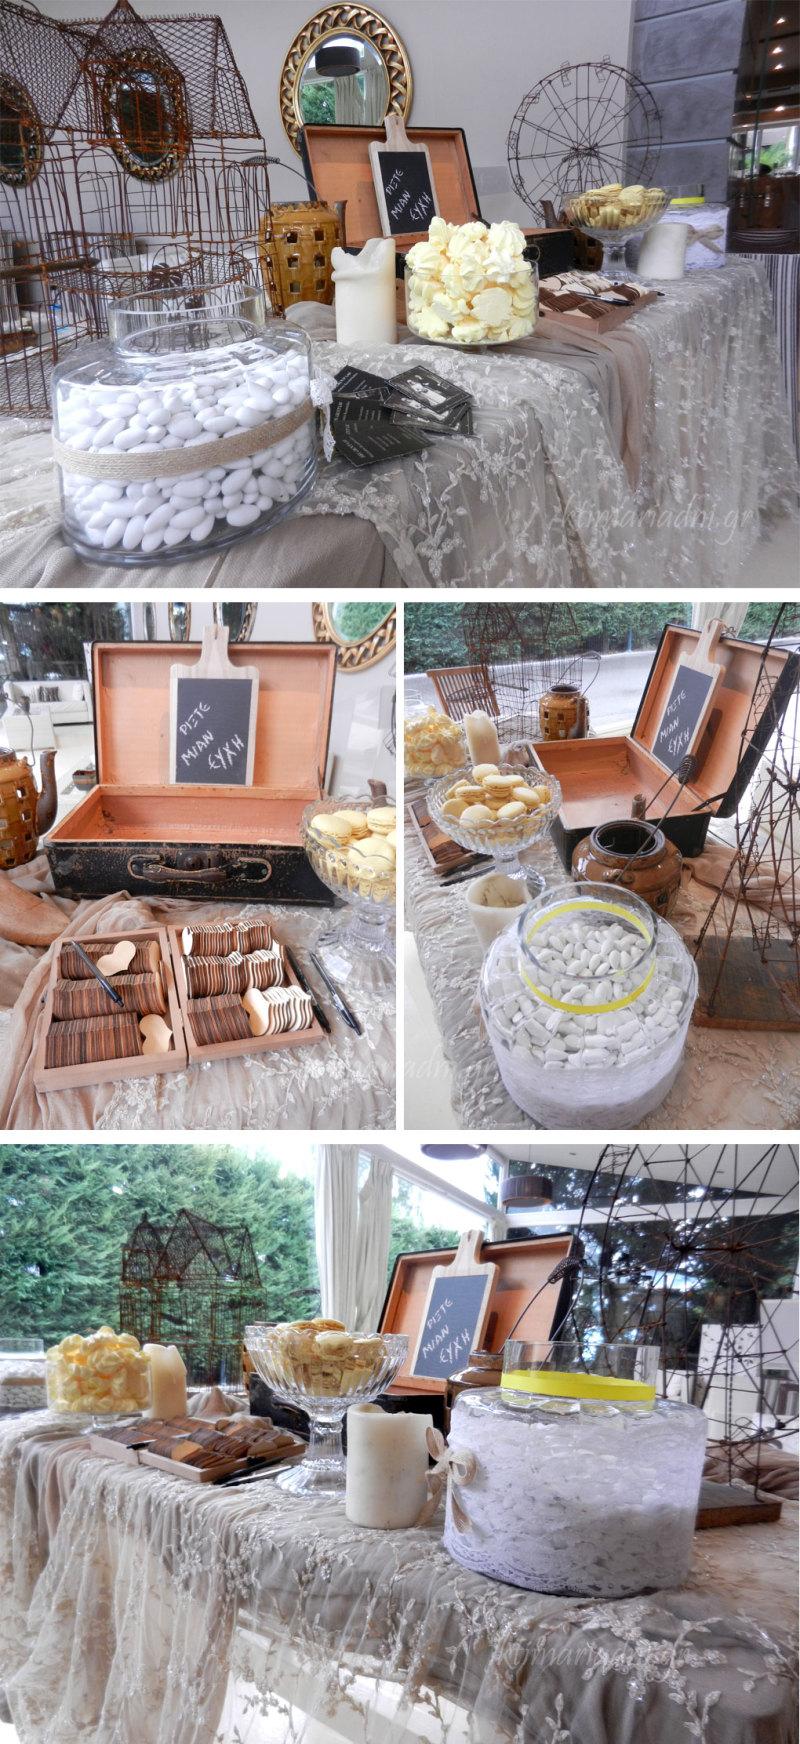 Τραπέζι ευχών σε στυλ vintage και ρομαντικό